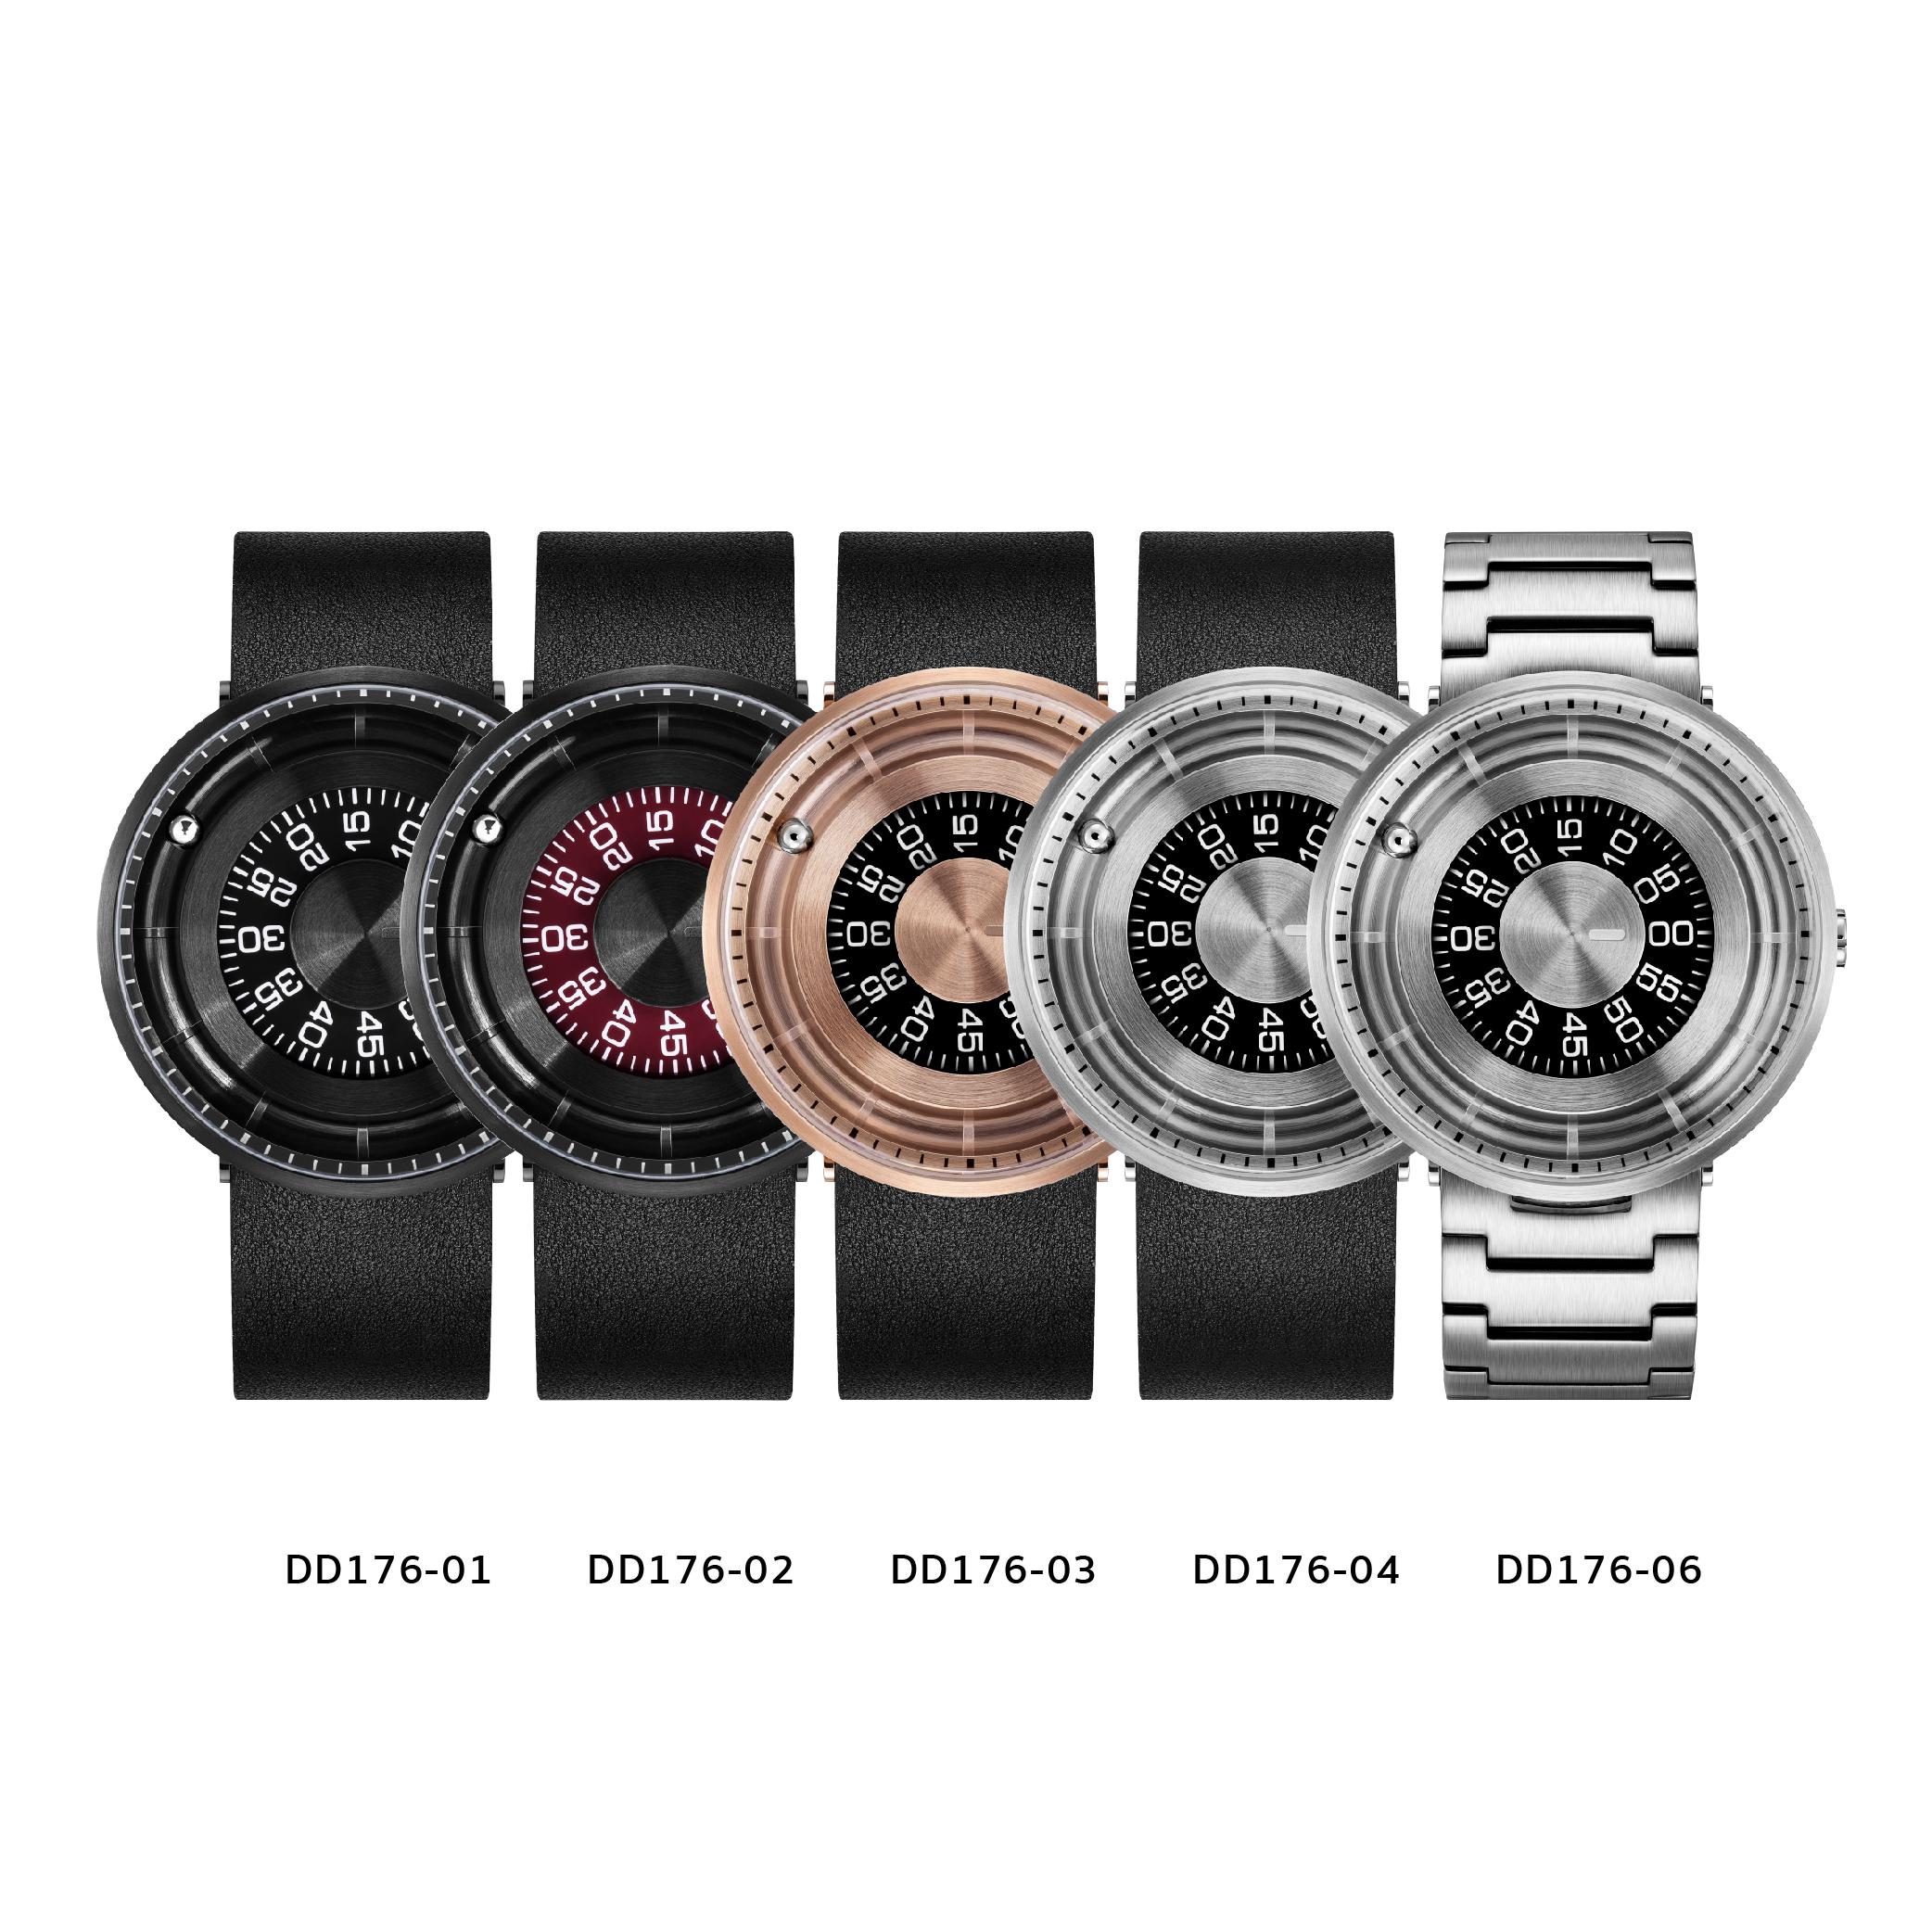 นาฬิกาข้อมือ ODM DD176-06